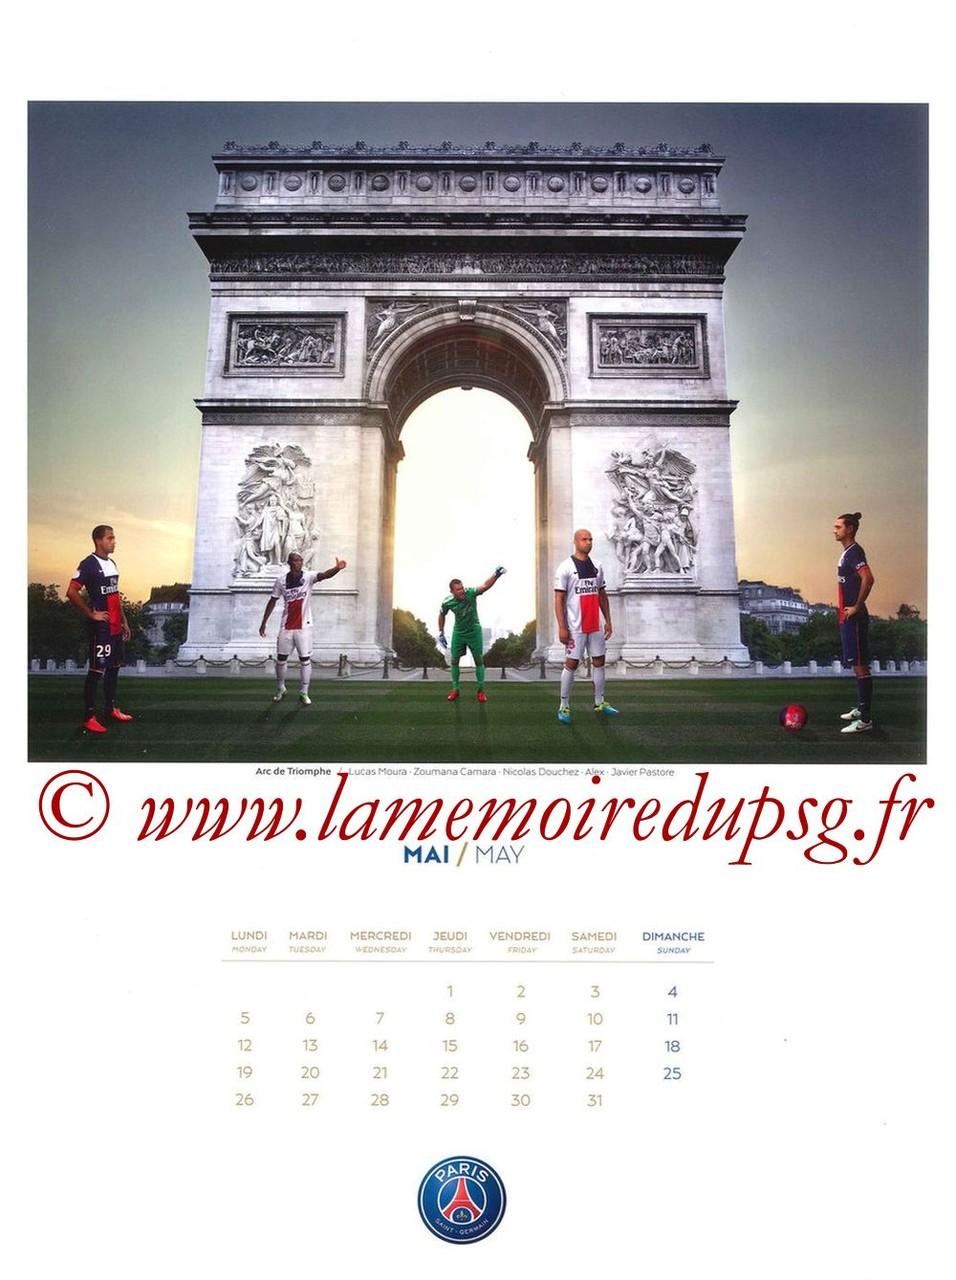 Calendrier PSG 2014 - Page 05 - Arc de Triomphe